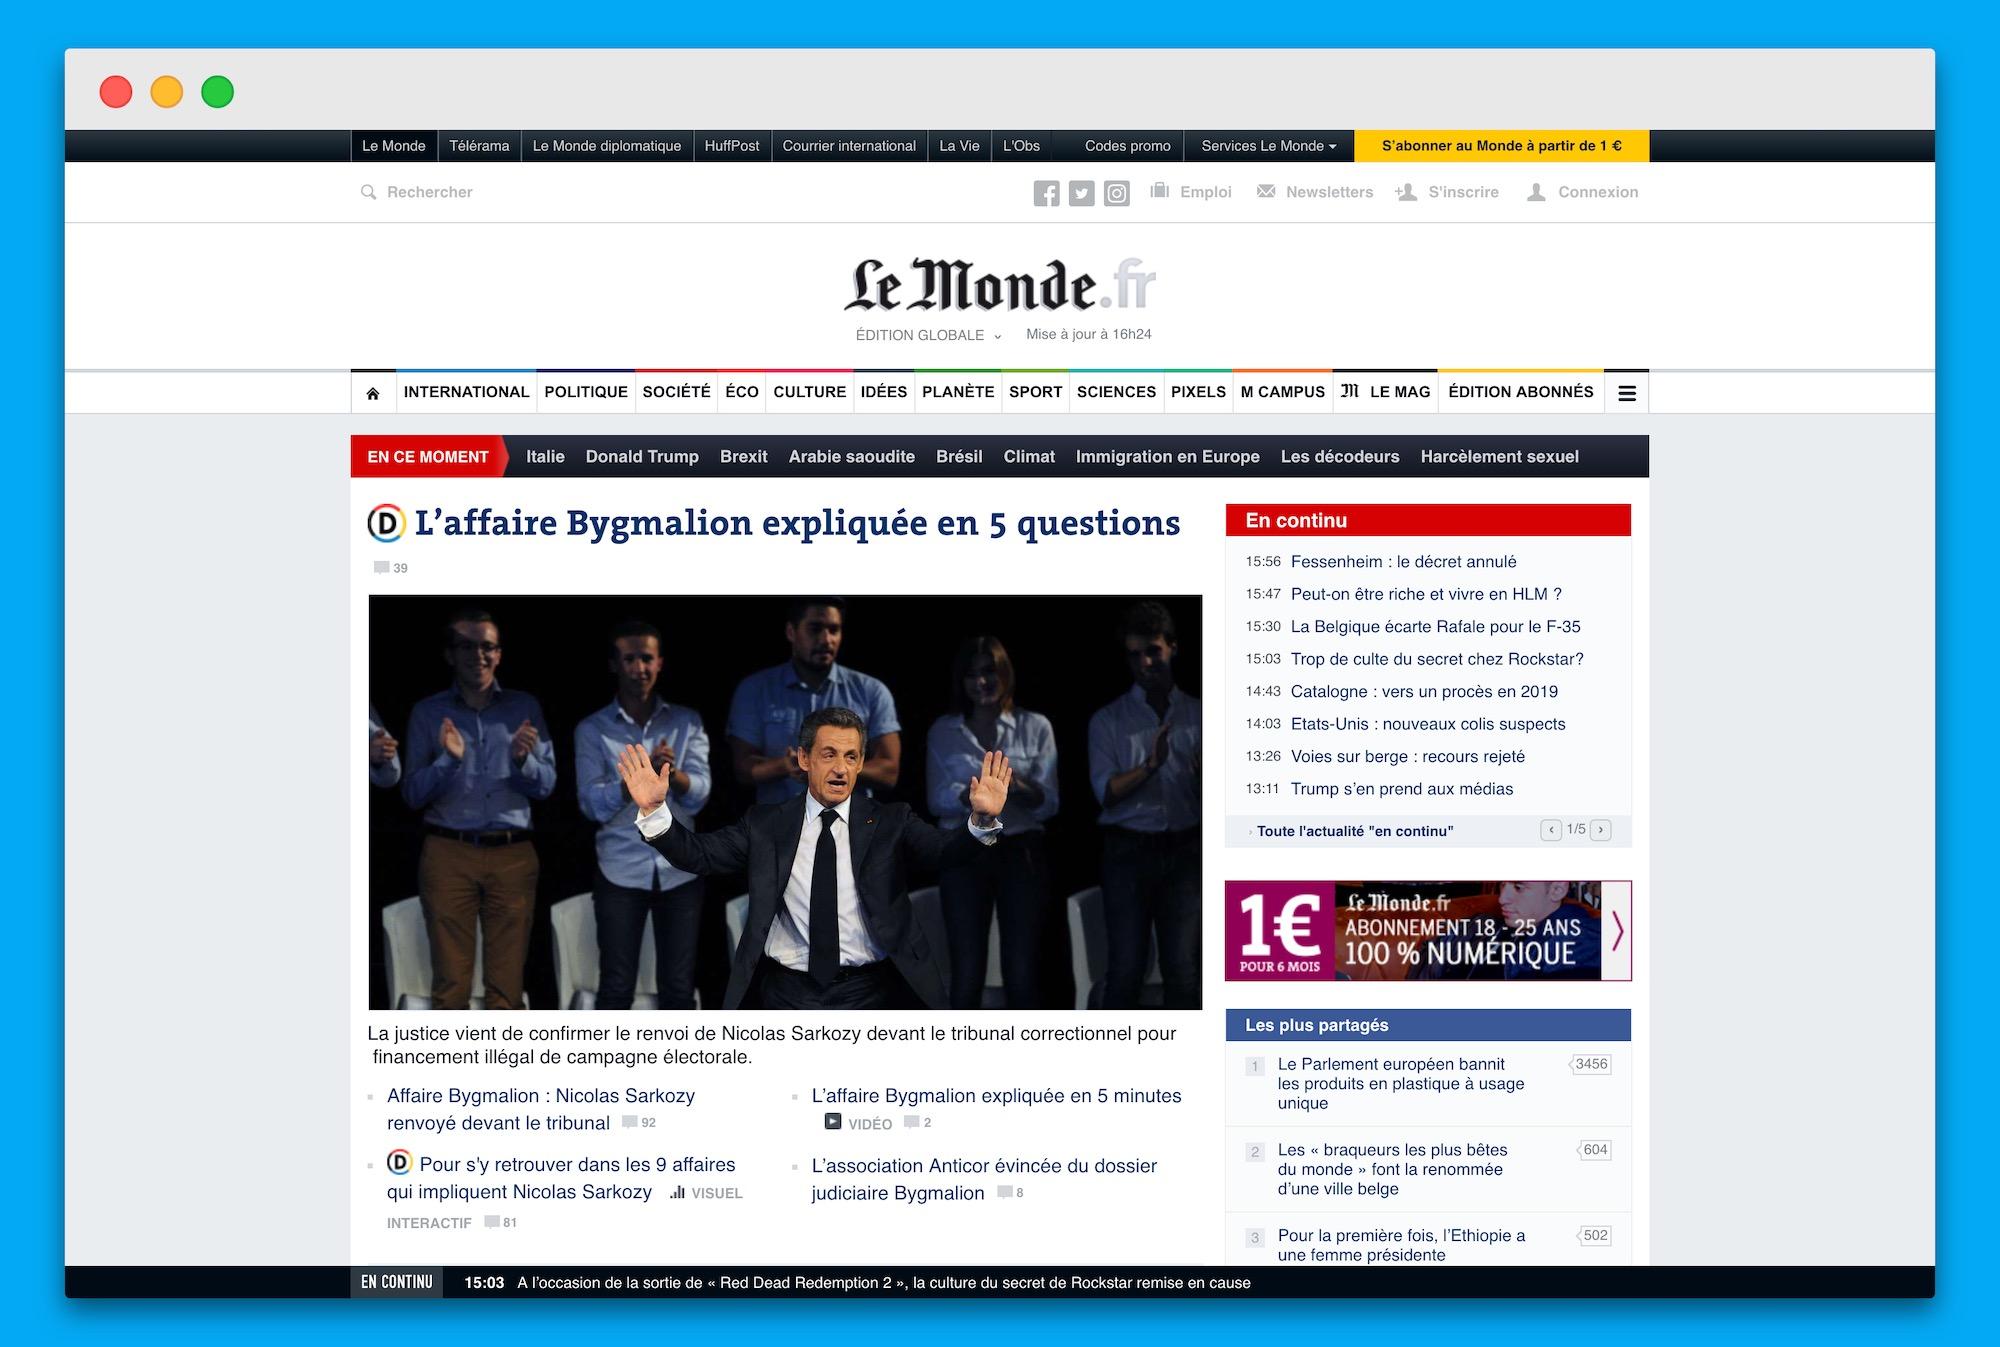 Webové vydání deníku Le Monde